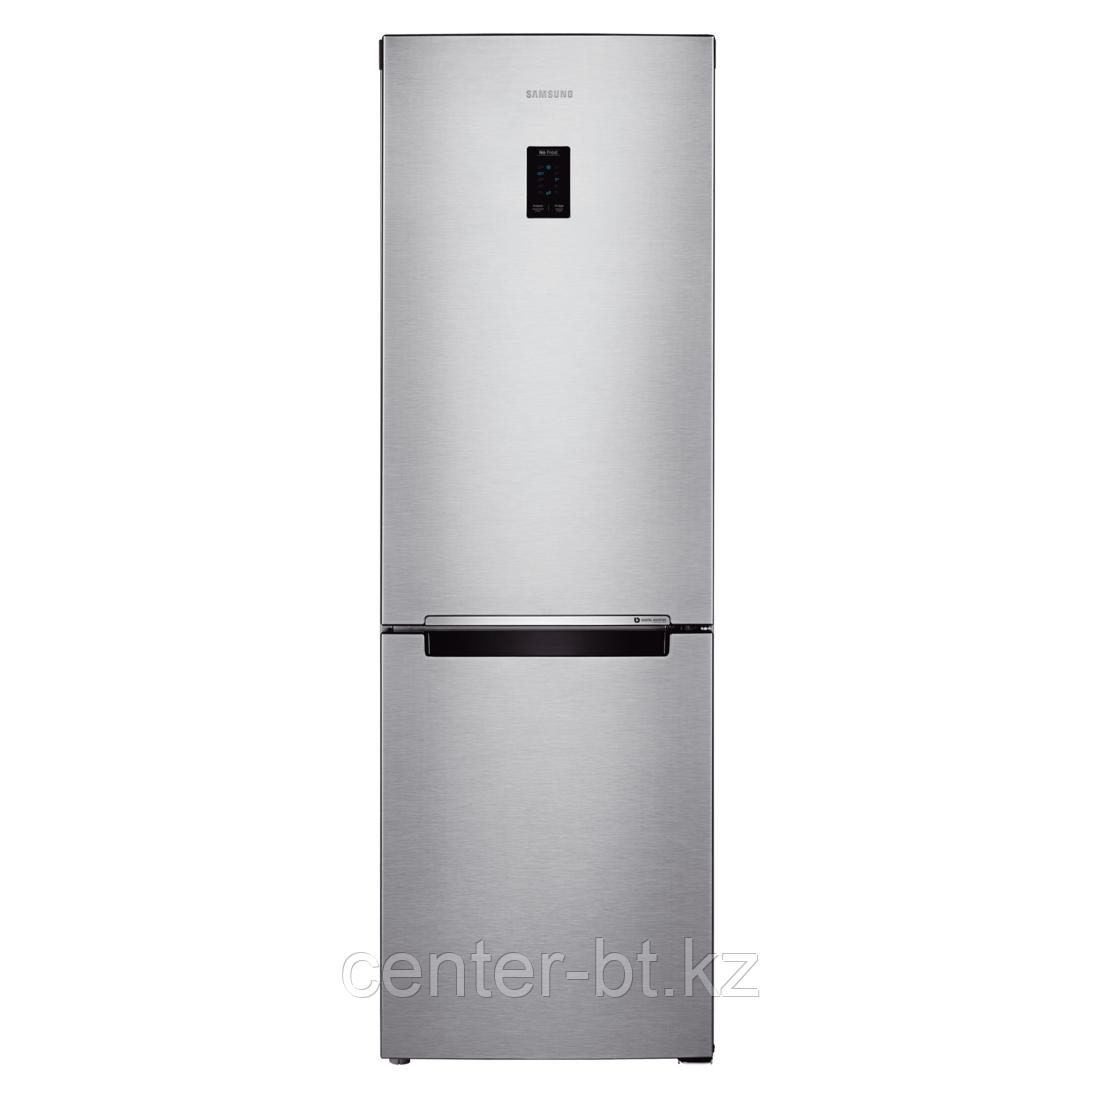 Холодильник Samsung RB33J3200SA с нижней морозильной камерой